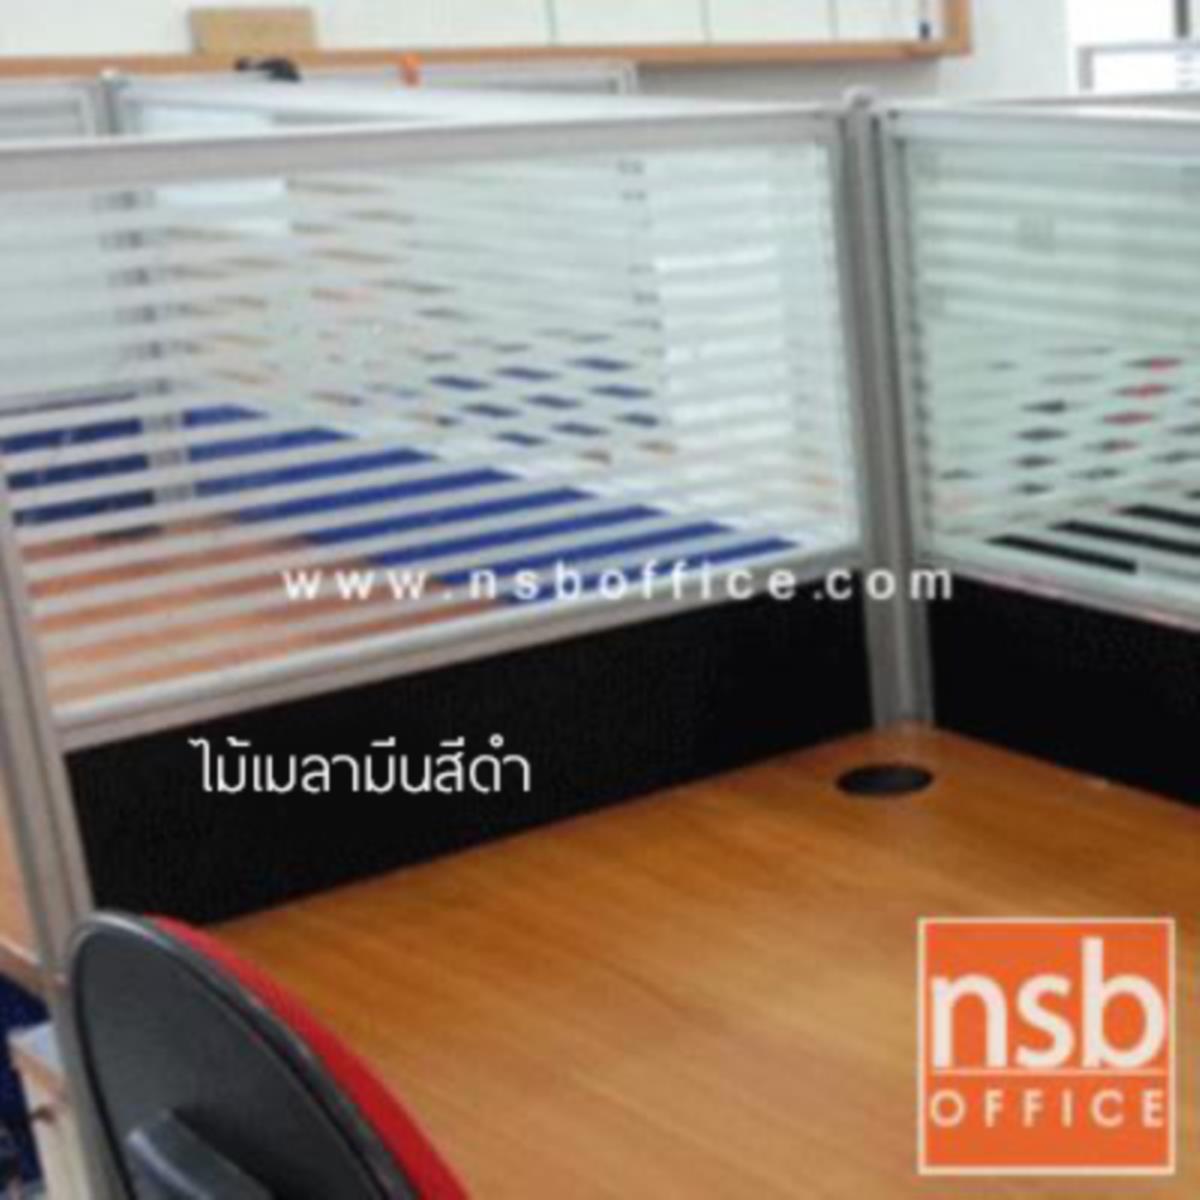 ชุดโต๊ะทำงานกลุ่มตัวแอล 2 ที่นั่ง   ขนาดรวม 306W*124D cm. พร้อมพาร์ทิชั่นครึ่งกระจกขัดลาย